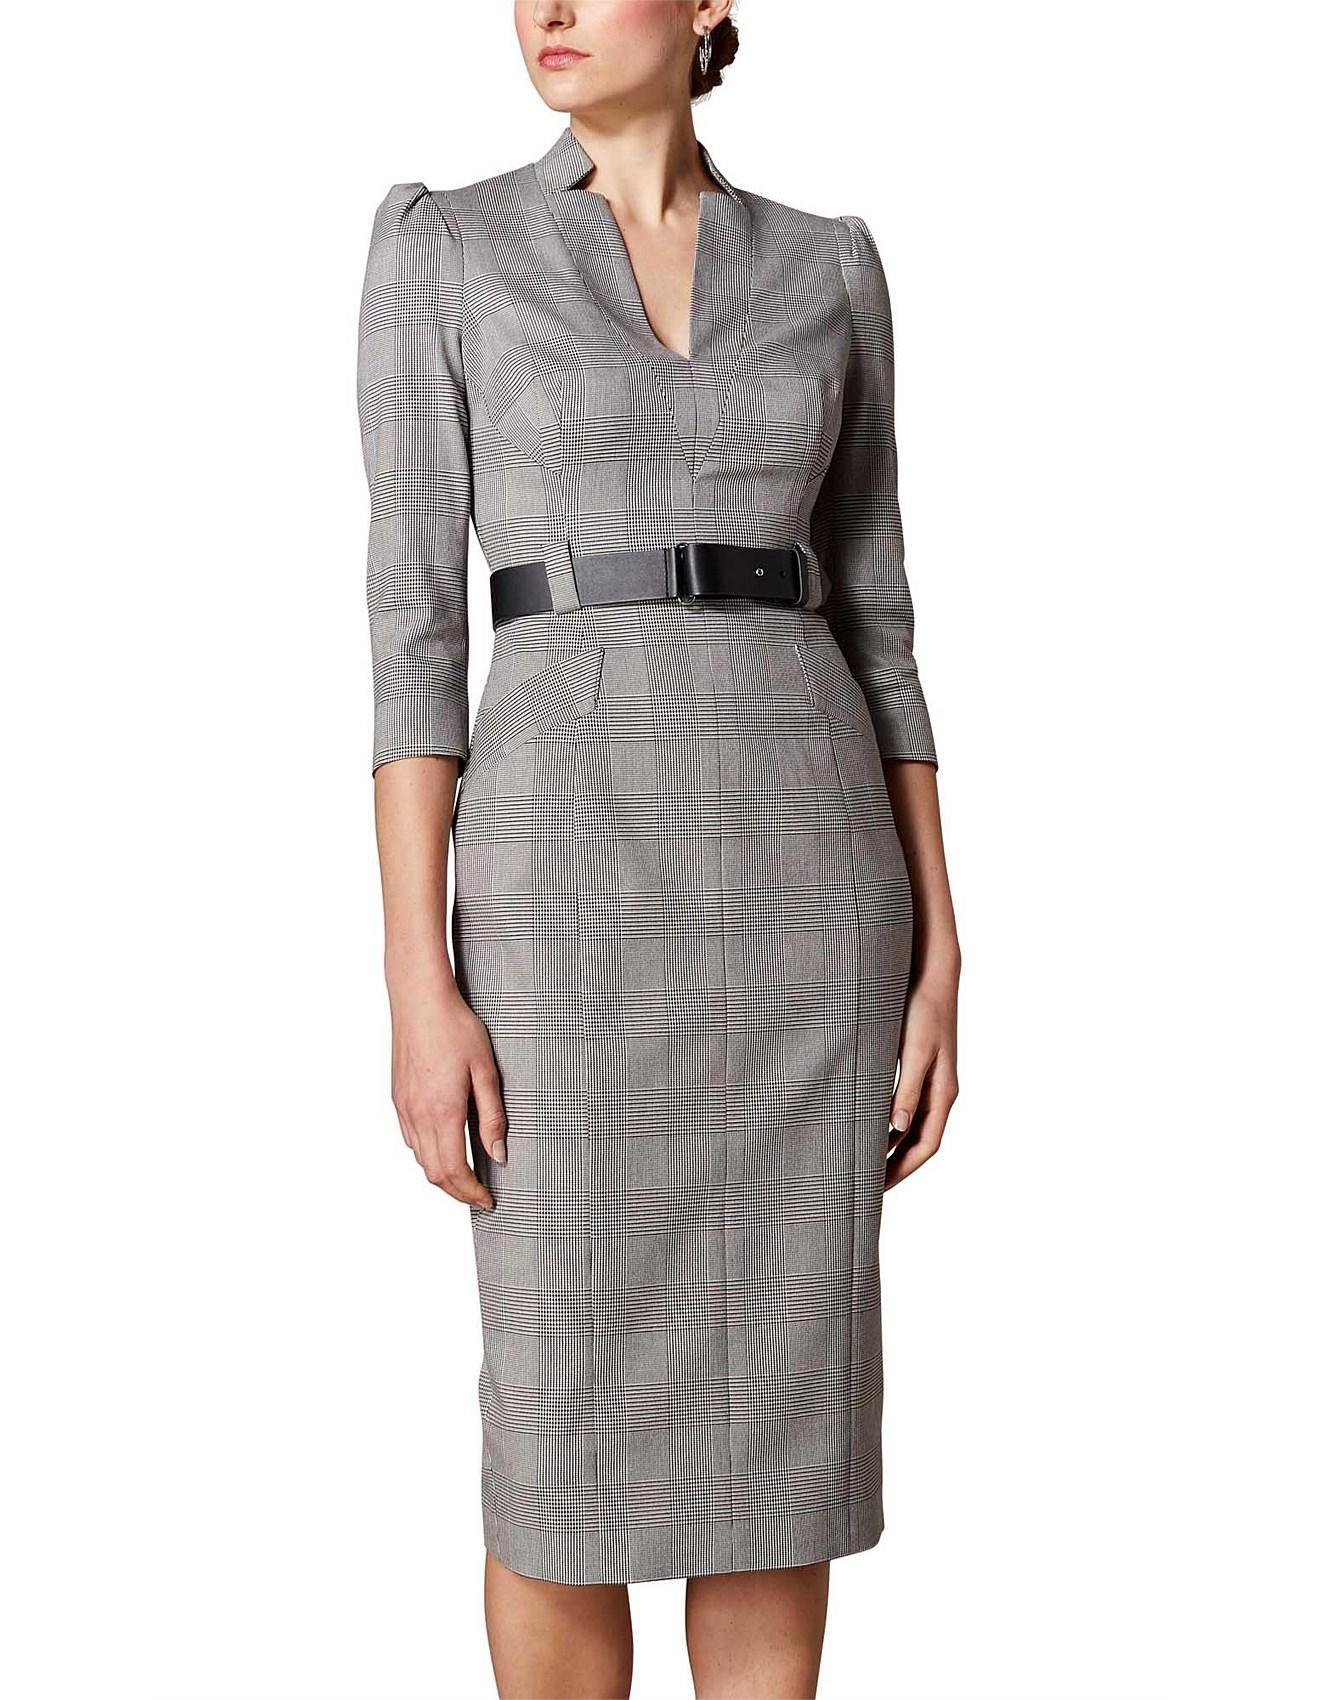 eb86c3aa2 Karen Millen | Buy Karen Millen Clothing Online | David Jones ...